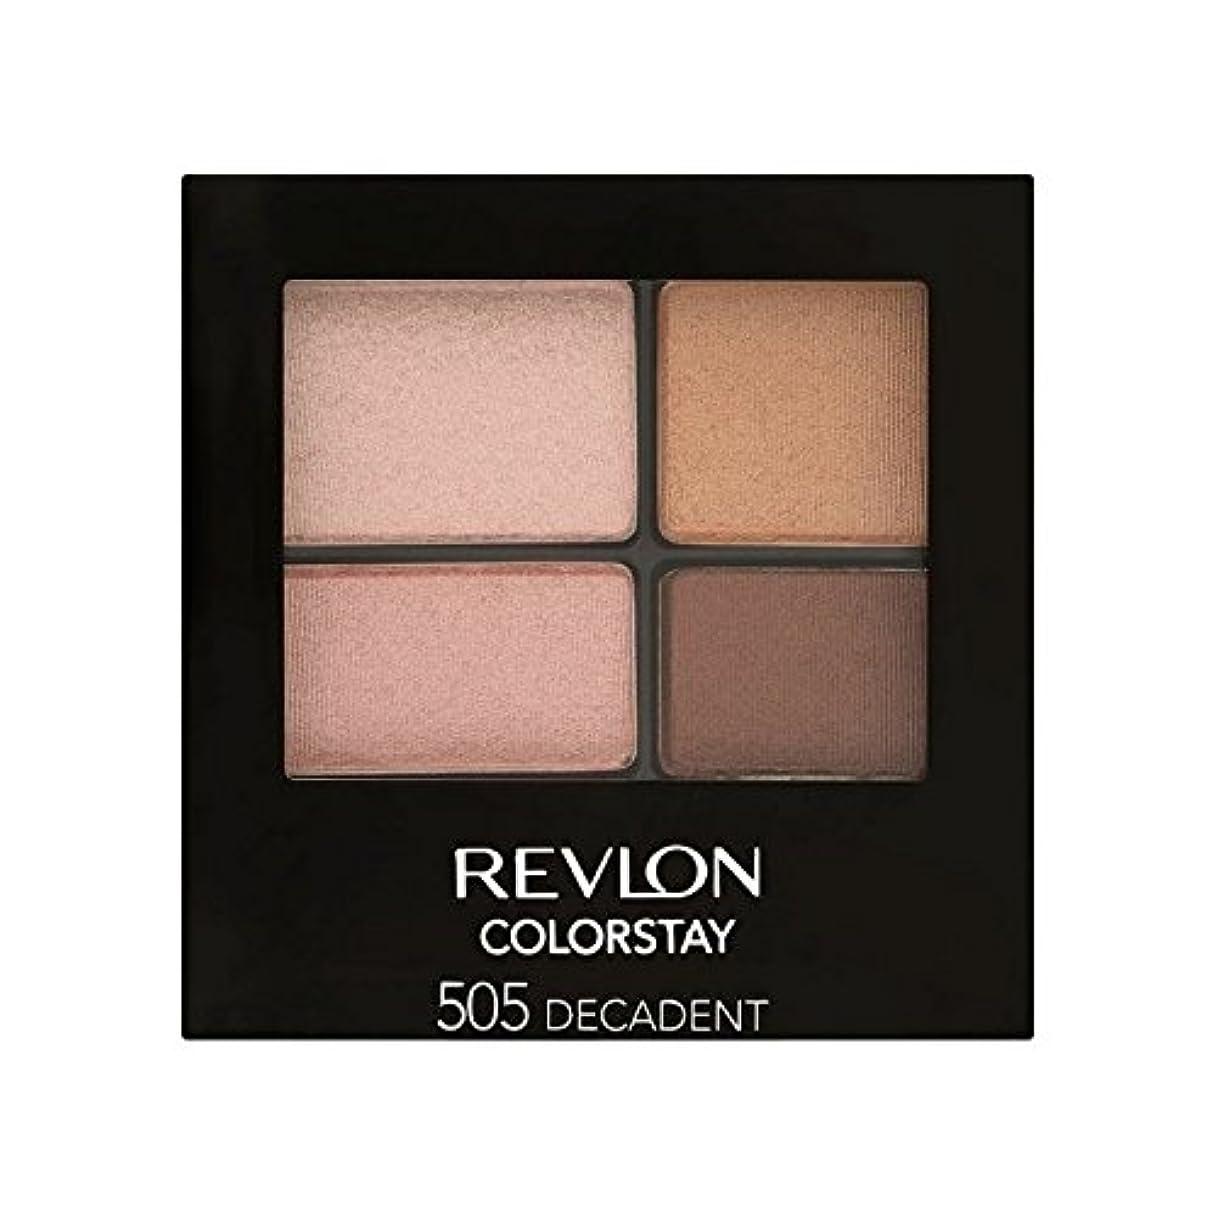 ホテルモスクコンサルタントレブロン 16時間のアイシャドウ退廃505 x4 - Revlon Colorstay 16 Hour Eye Shadow Decadent 505 (Pack of 4) [並行輸入品]